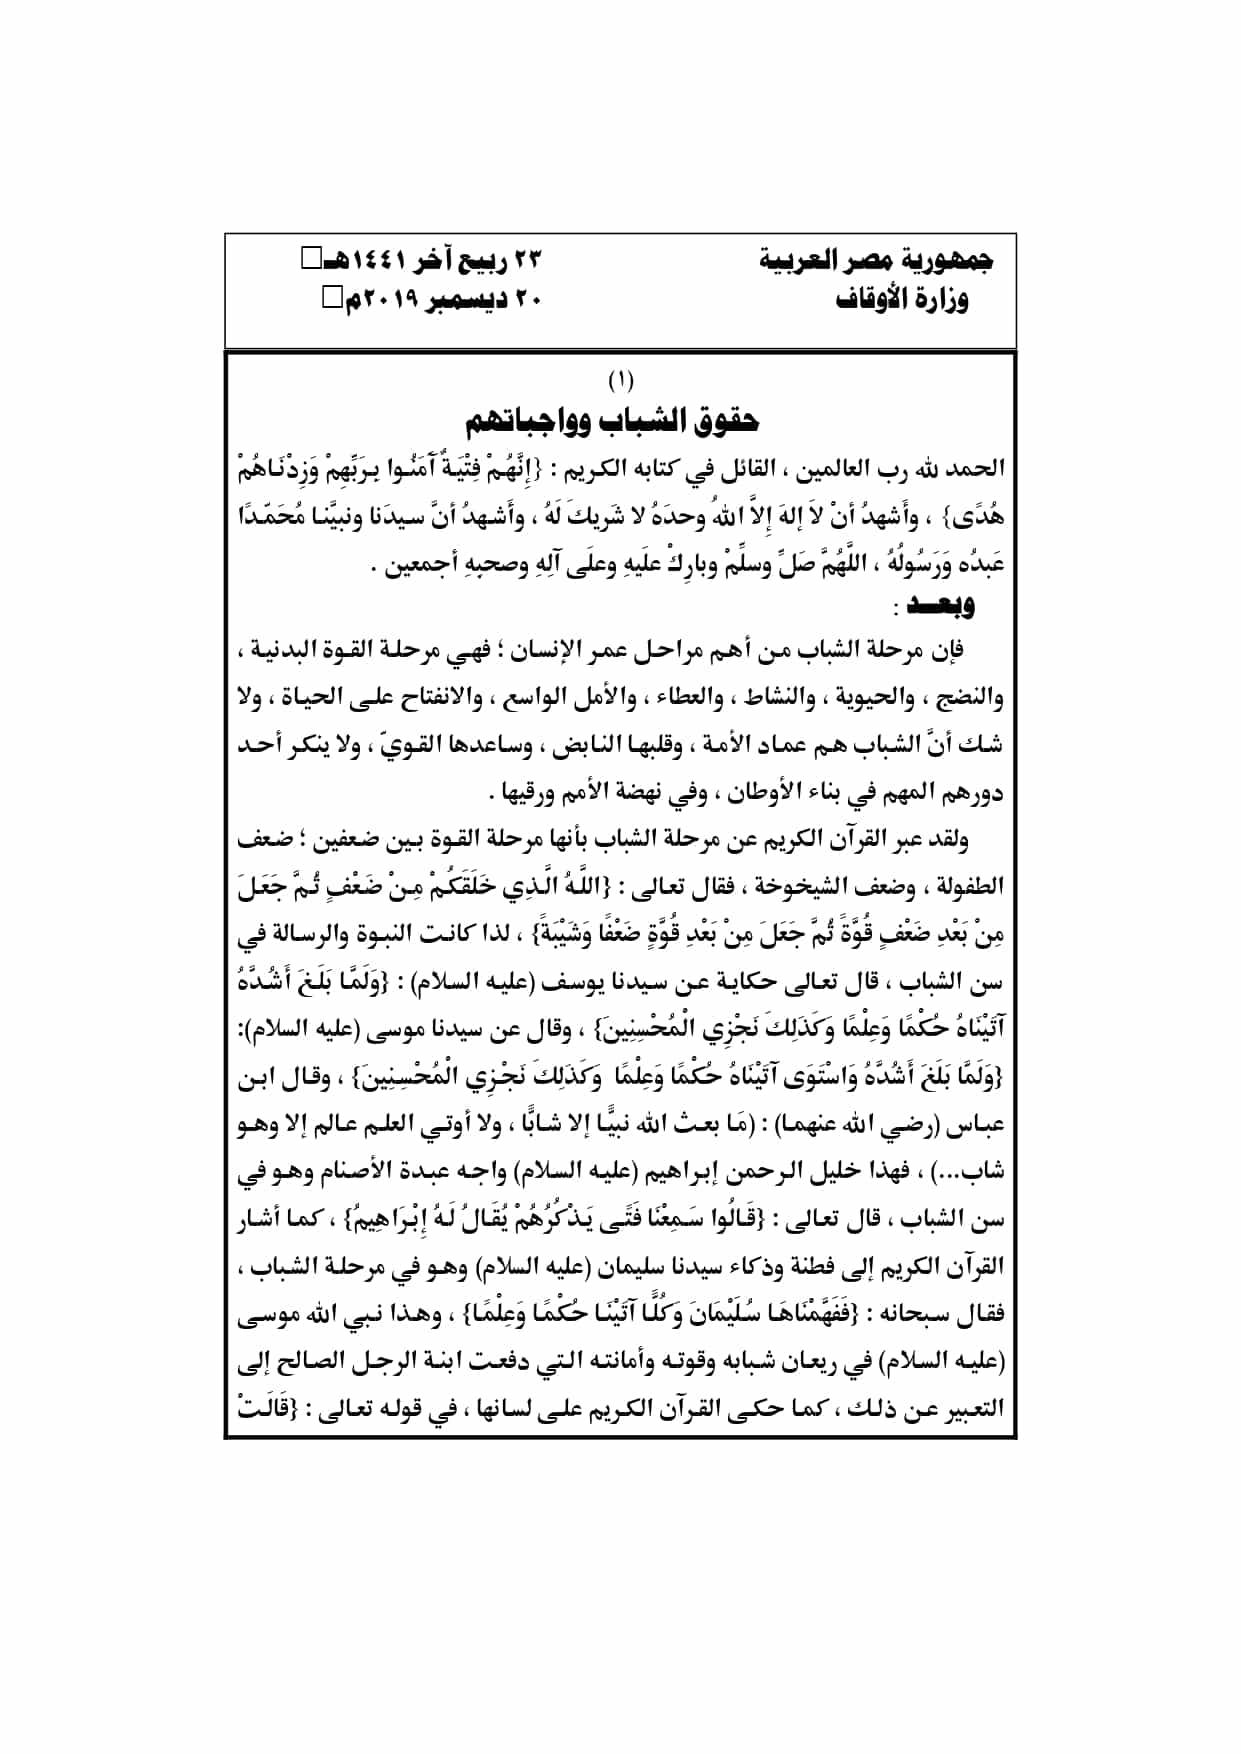 خطبة الجمعة القادمة لوزارة الأوقاف pdf : حقوق الشباب وواجباتهم، 20 ديسمبر 2019